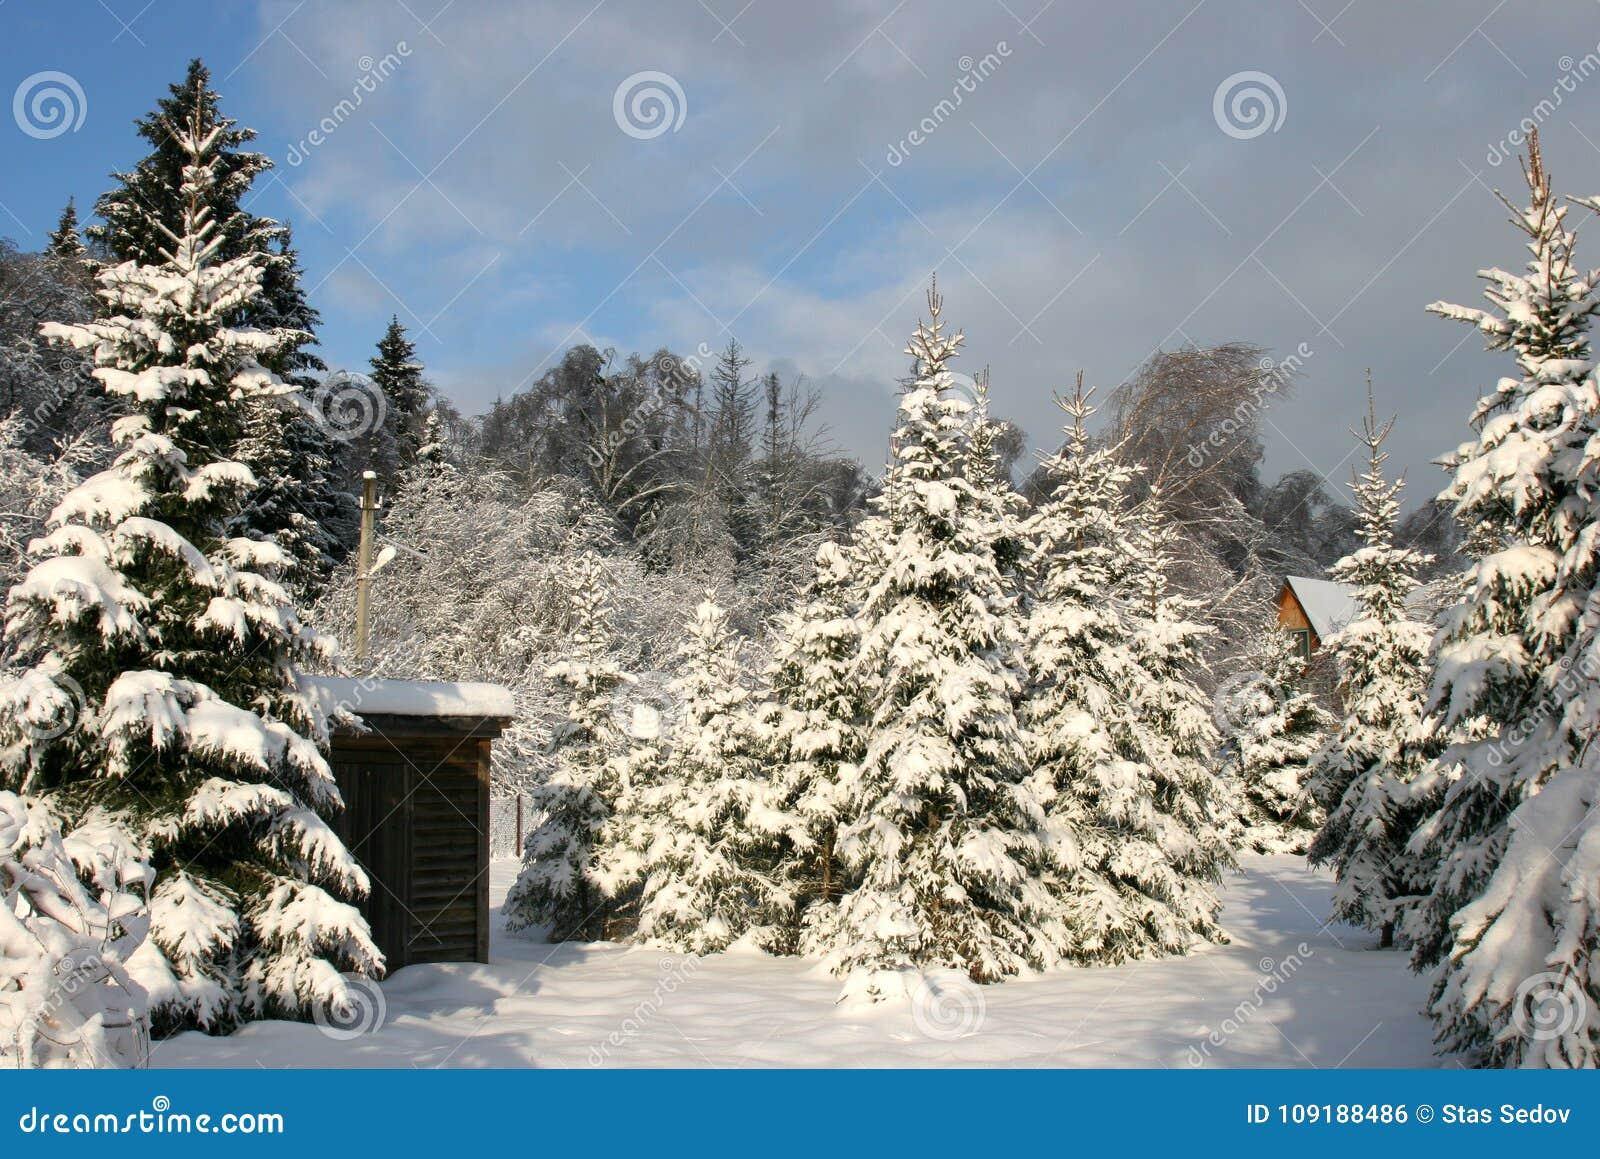 Zima kraju jata